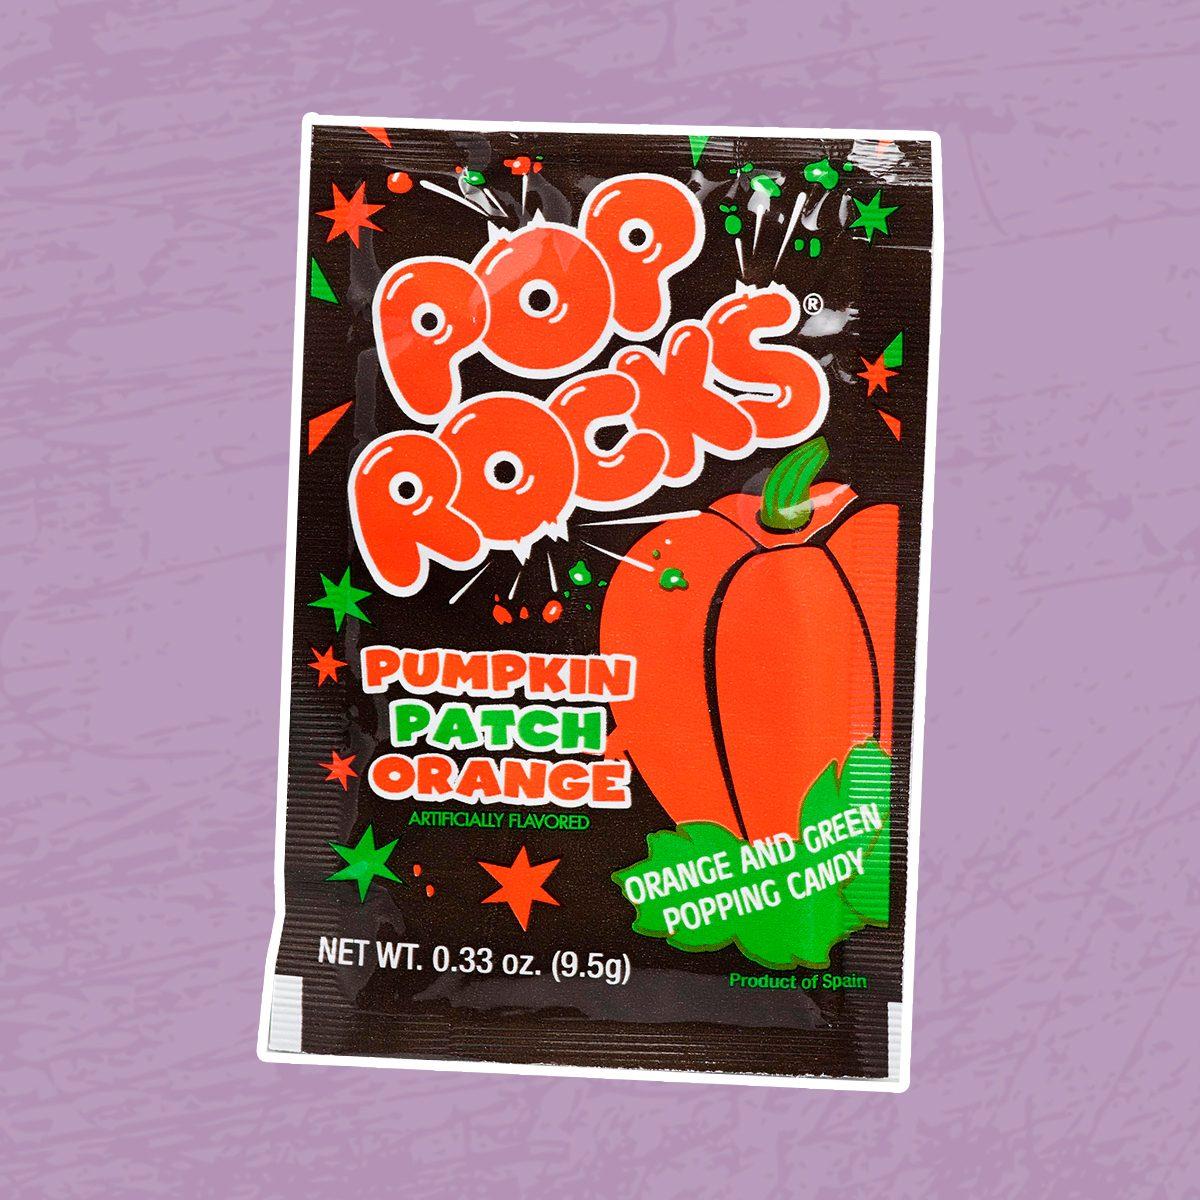 Pop Rocks Pumpkin Patch Candy